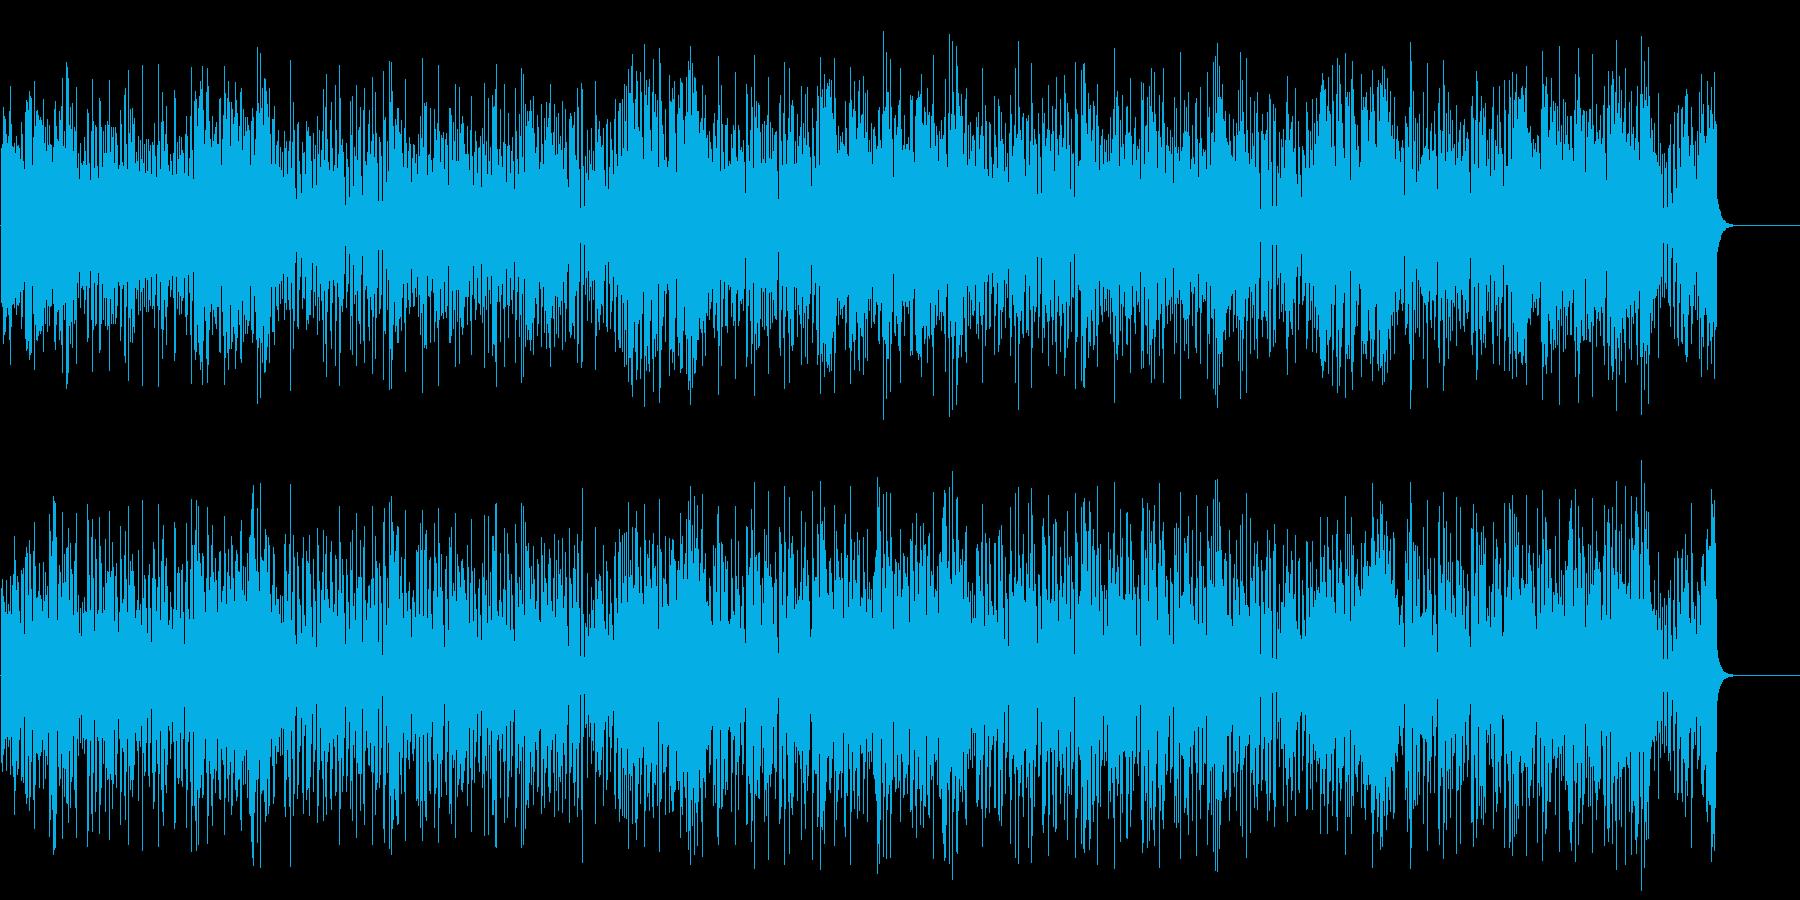 ドラマ風ファンキーなポップ/BGの再生済みの波形